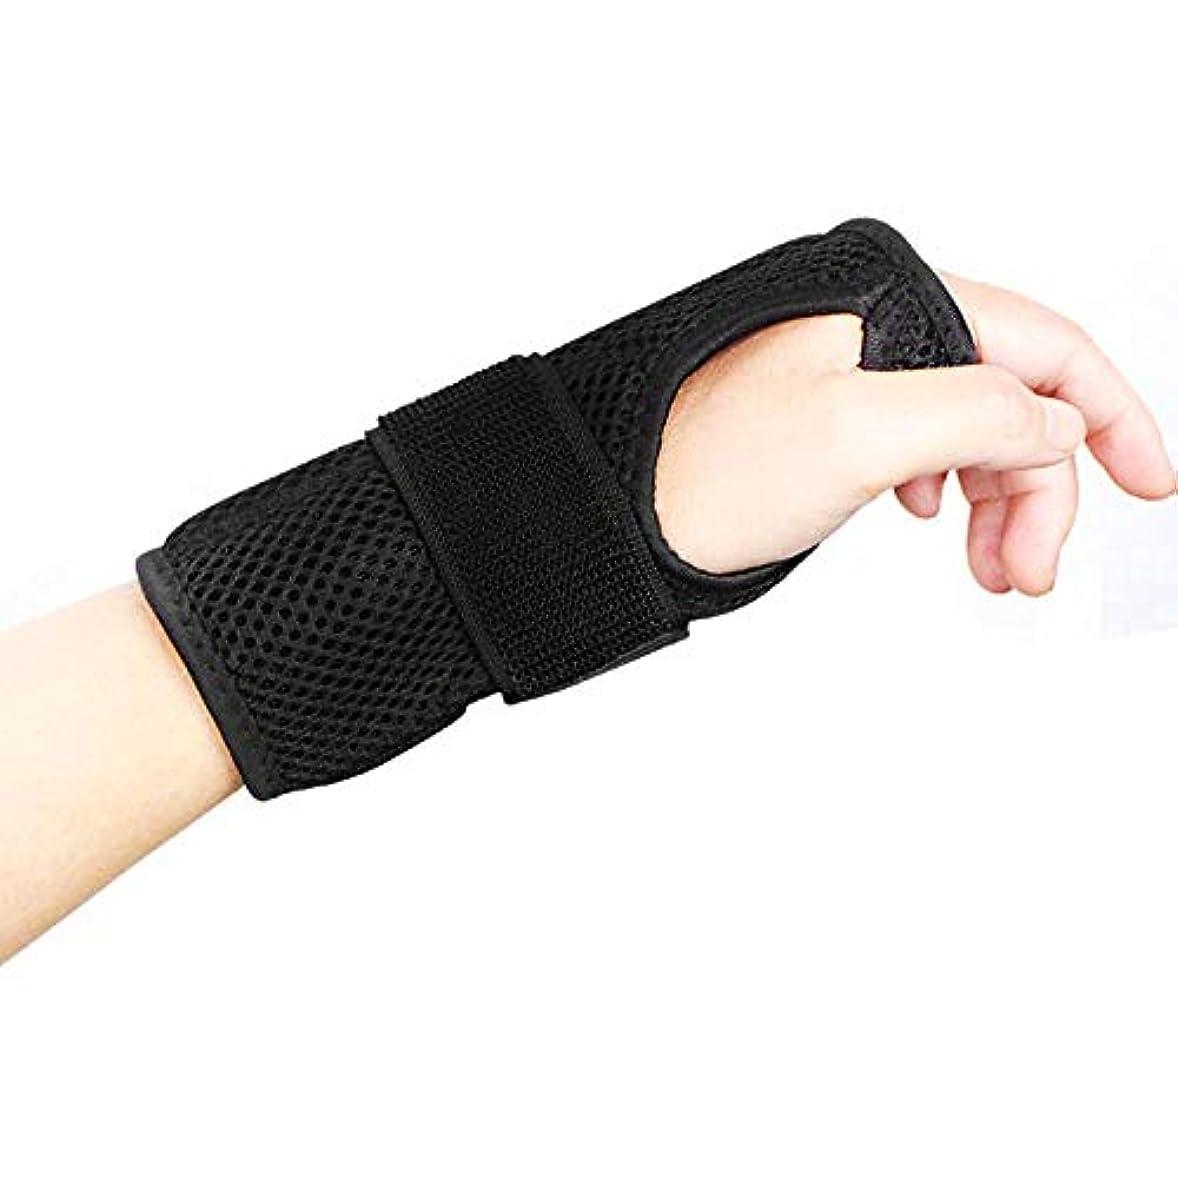 レポートを書くその他特別な手首サポートブレーススプリントは、怪我、スポーツ、ジム、繰り返しの緊張などのために医学的に承認された調整可能な弾性ブレースです デザイン,Righthand,M